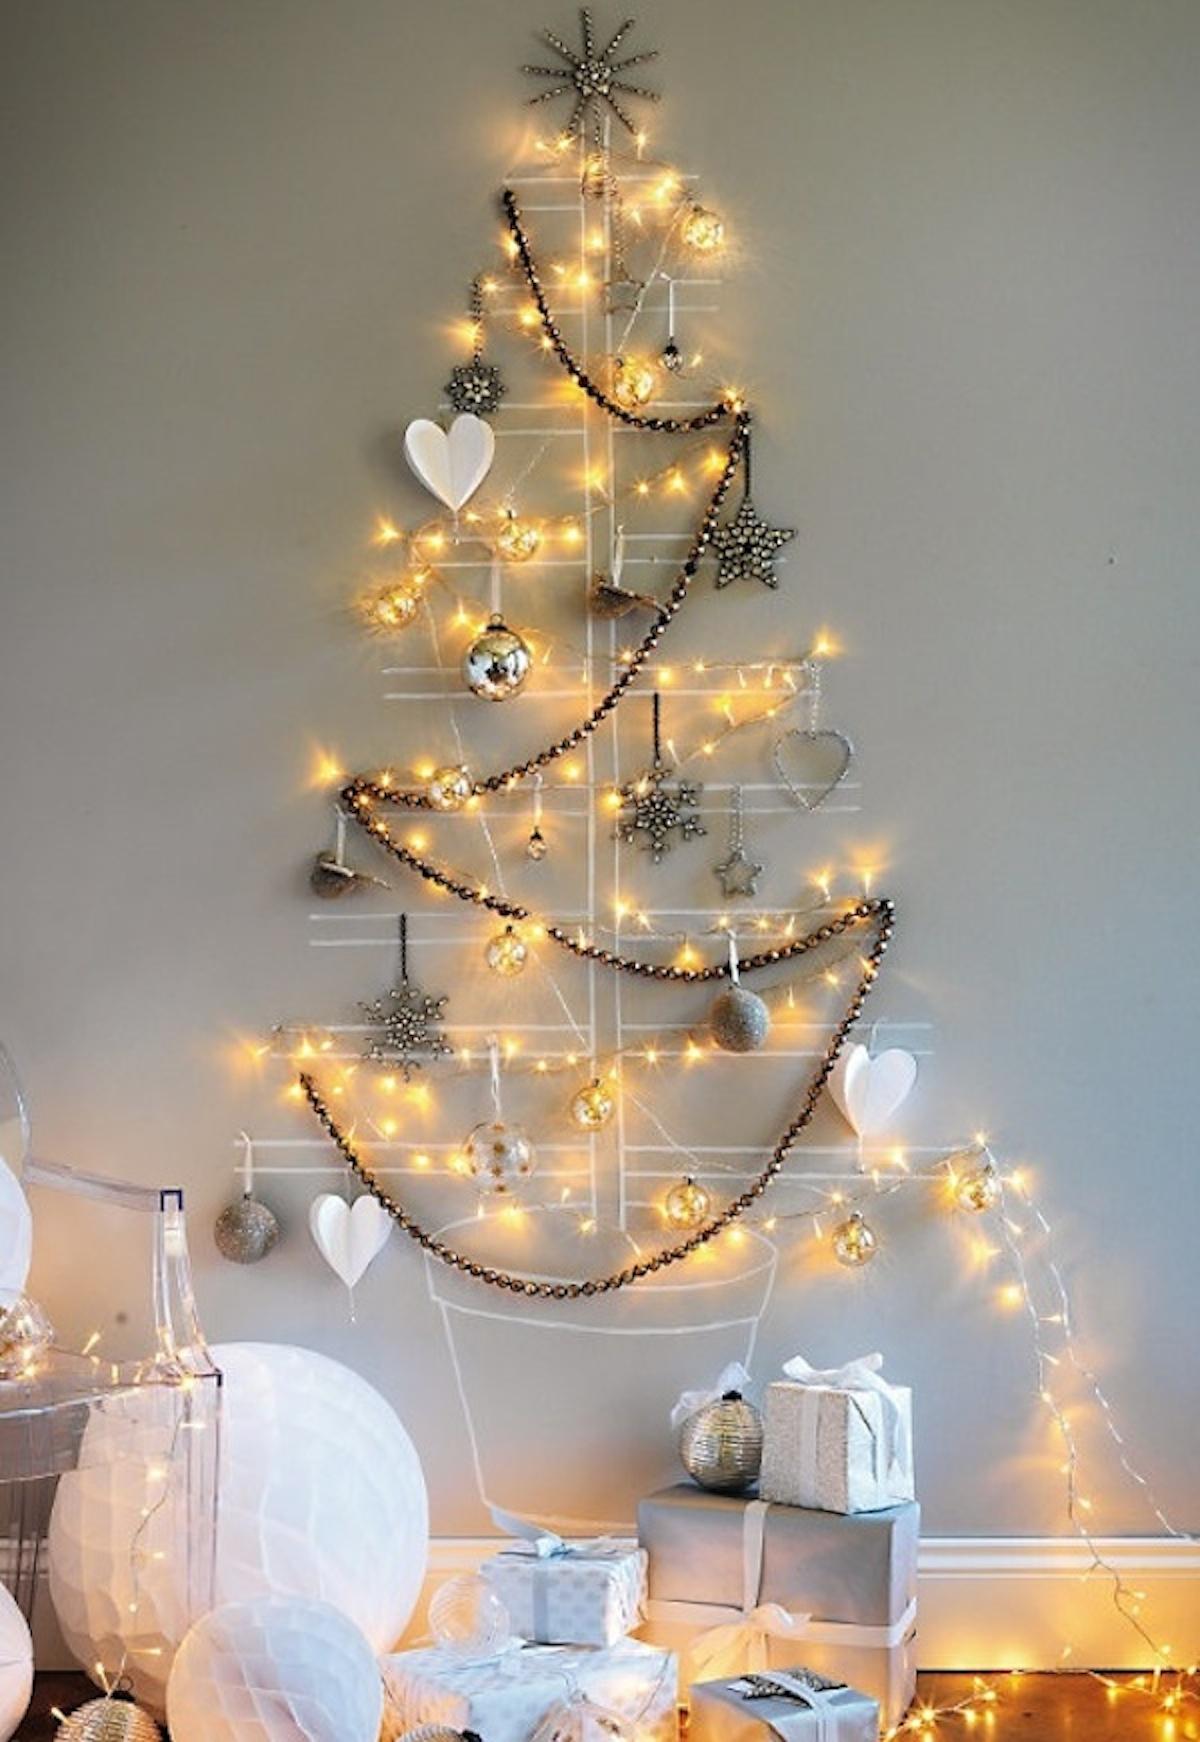 diseño de decoración navideña - árbol de luces